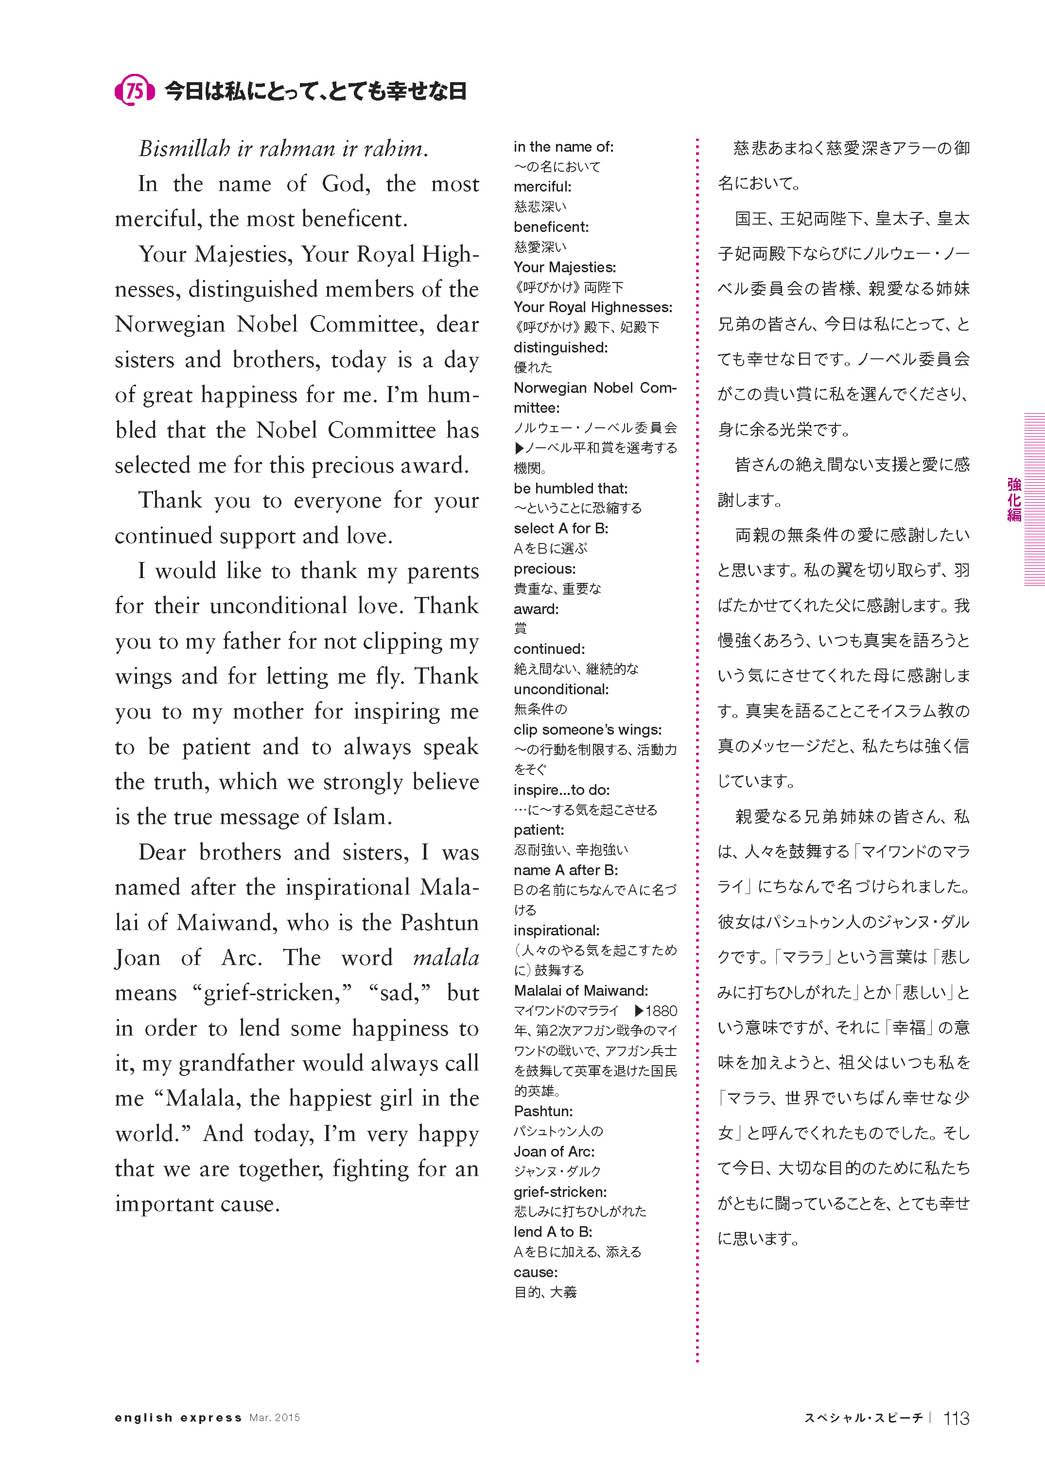 """◆スペシャル・スピーチ#br#マララ・ユスフザイさん#br#ノーベル平和賞受賞演説#br#》》音声試聴は<a href=""""mms://016.mediaimage.jp/asahipress/ee1503b.wma"""" class=""""txt1158b0"""">こちら</a>をクリック!"""